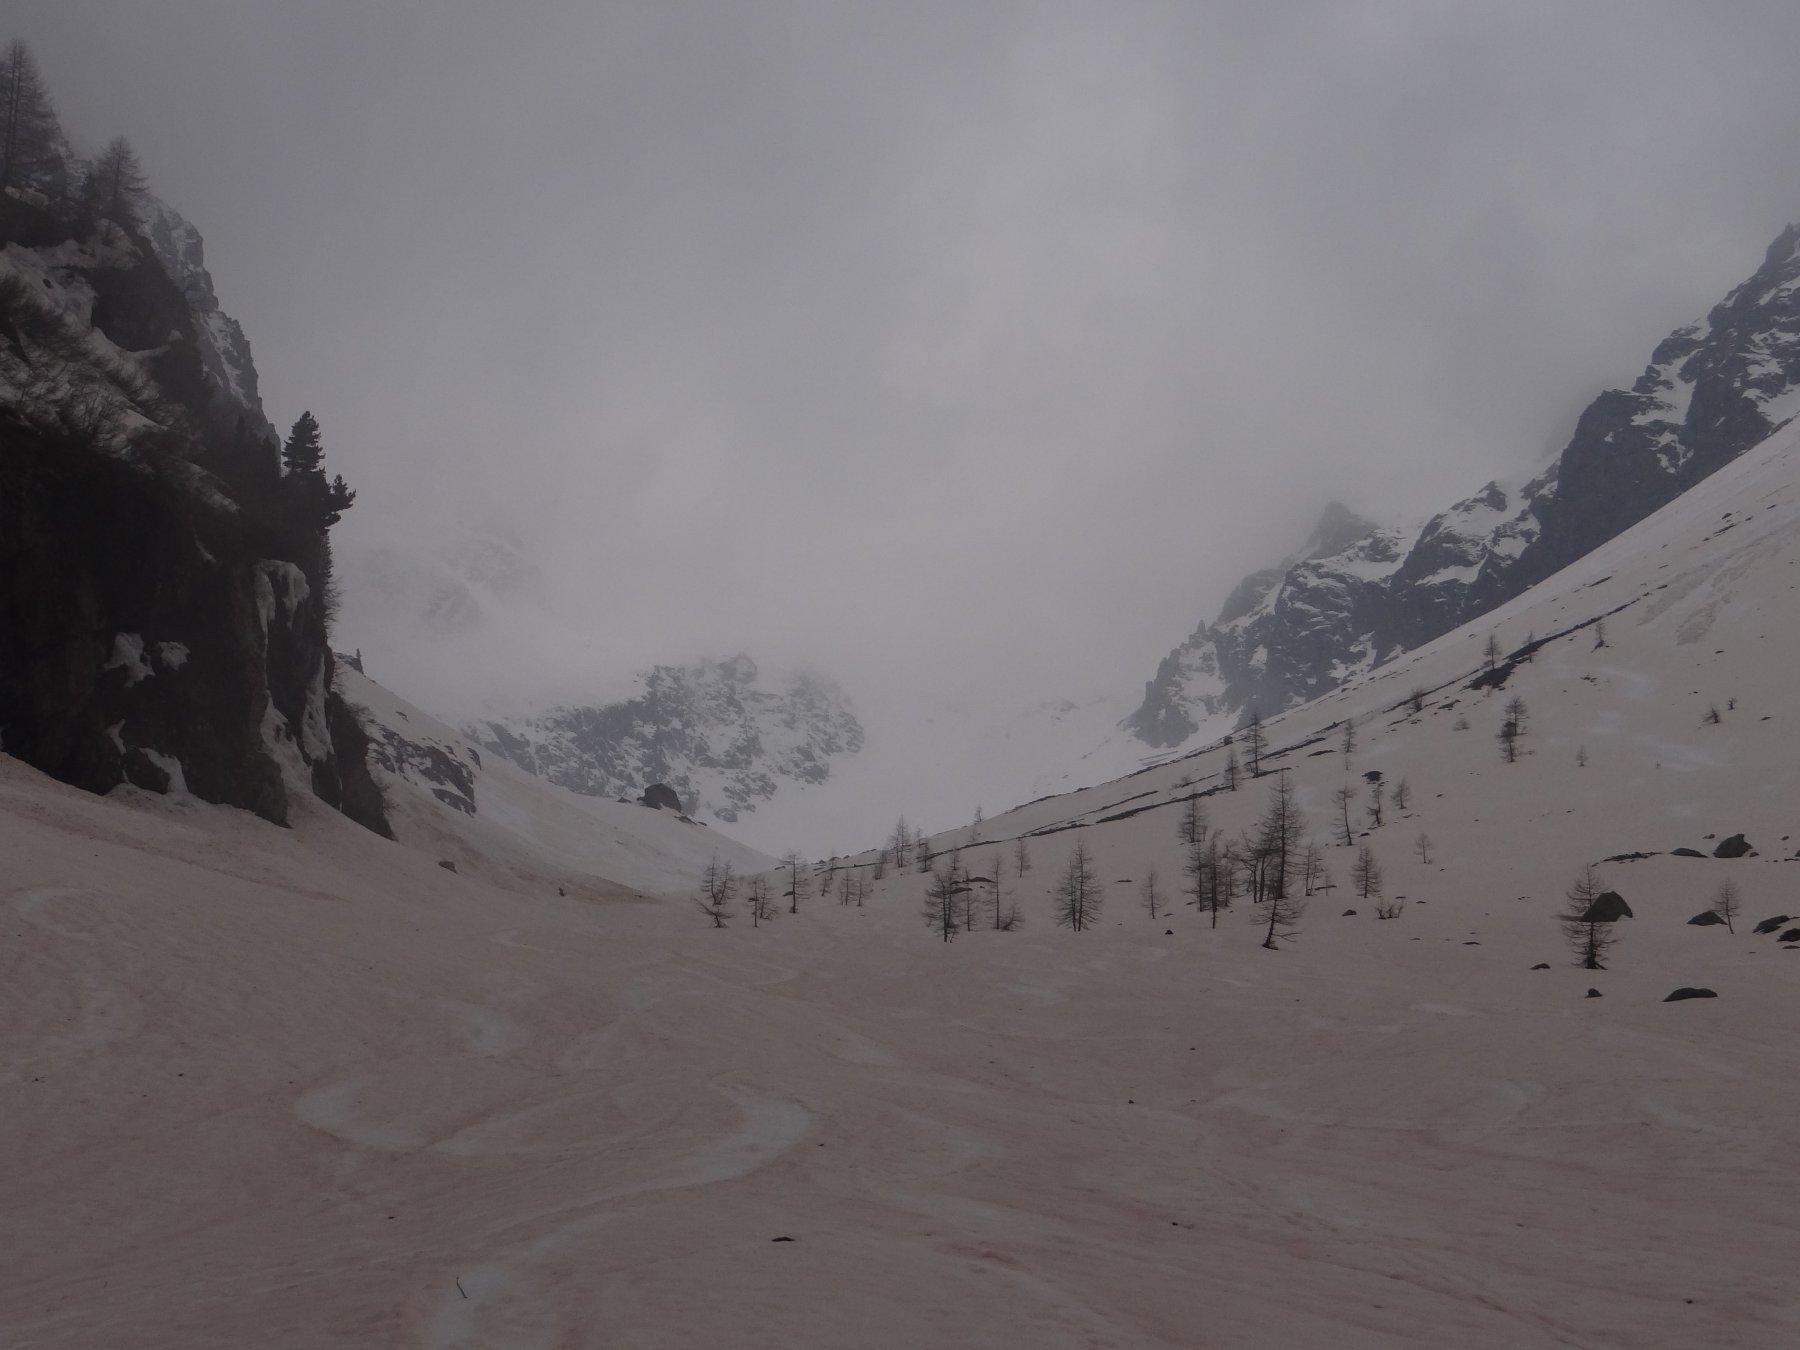 Nuvolosità fitta oltre i 2400-2500m, in prossimità del cambio di colore della neve (rossa/bianca)